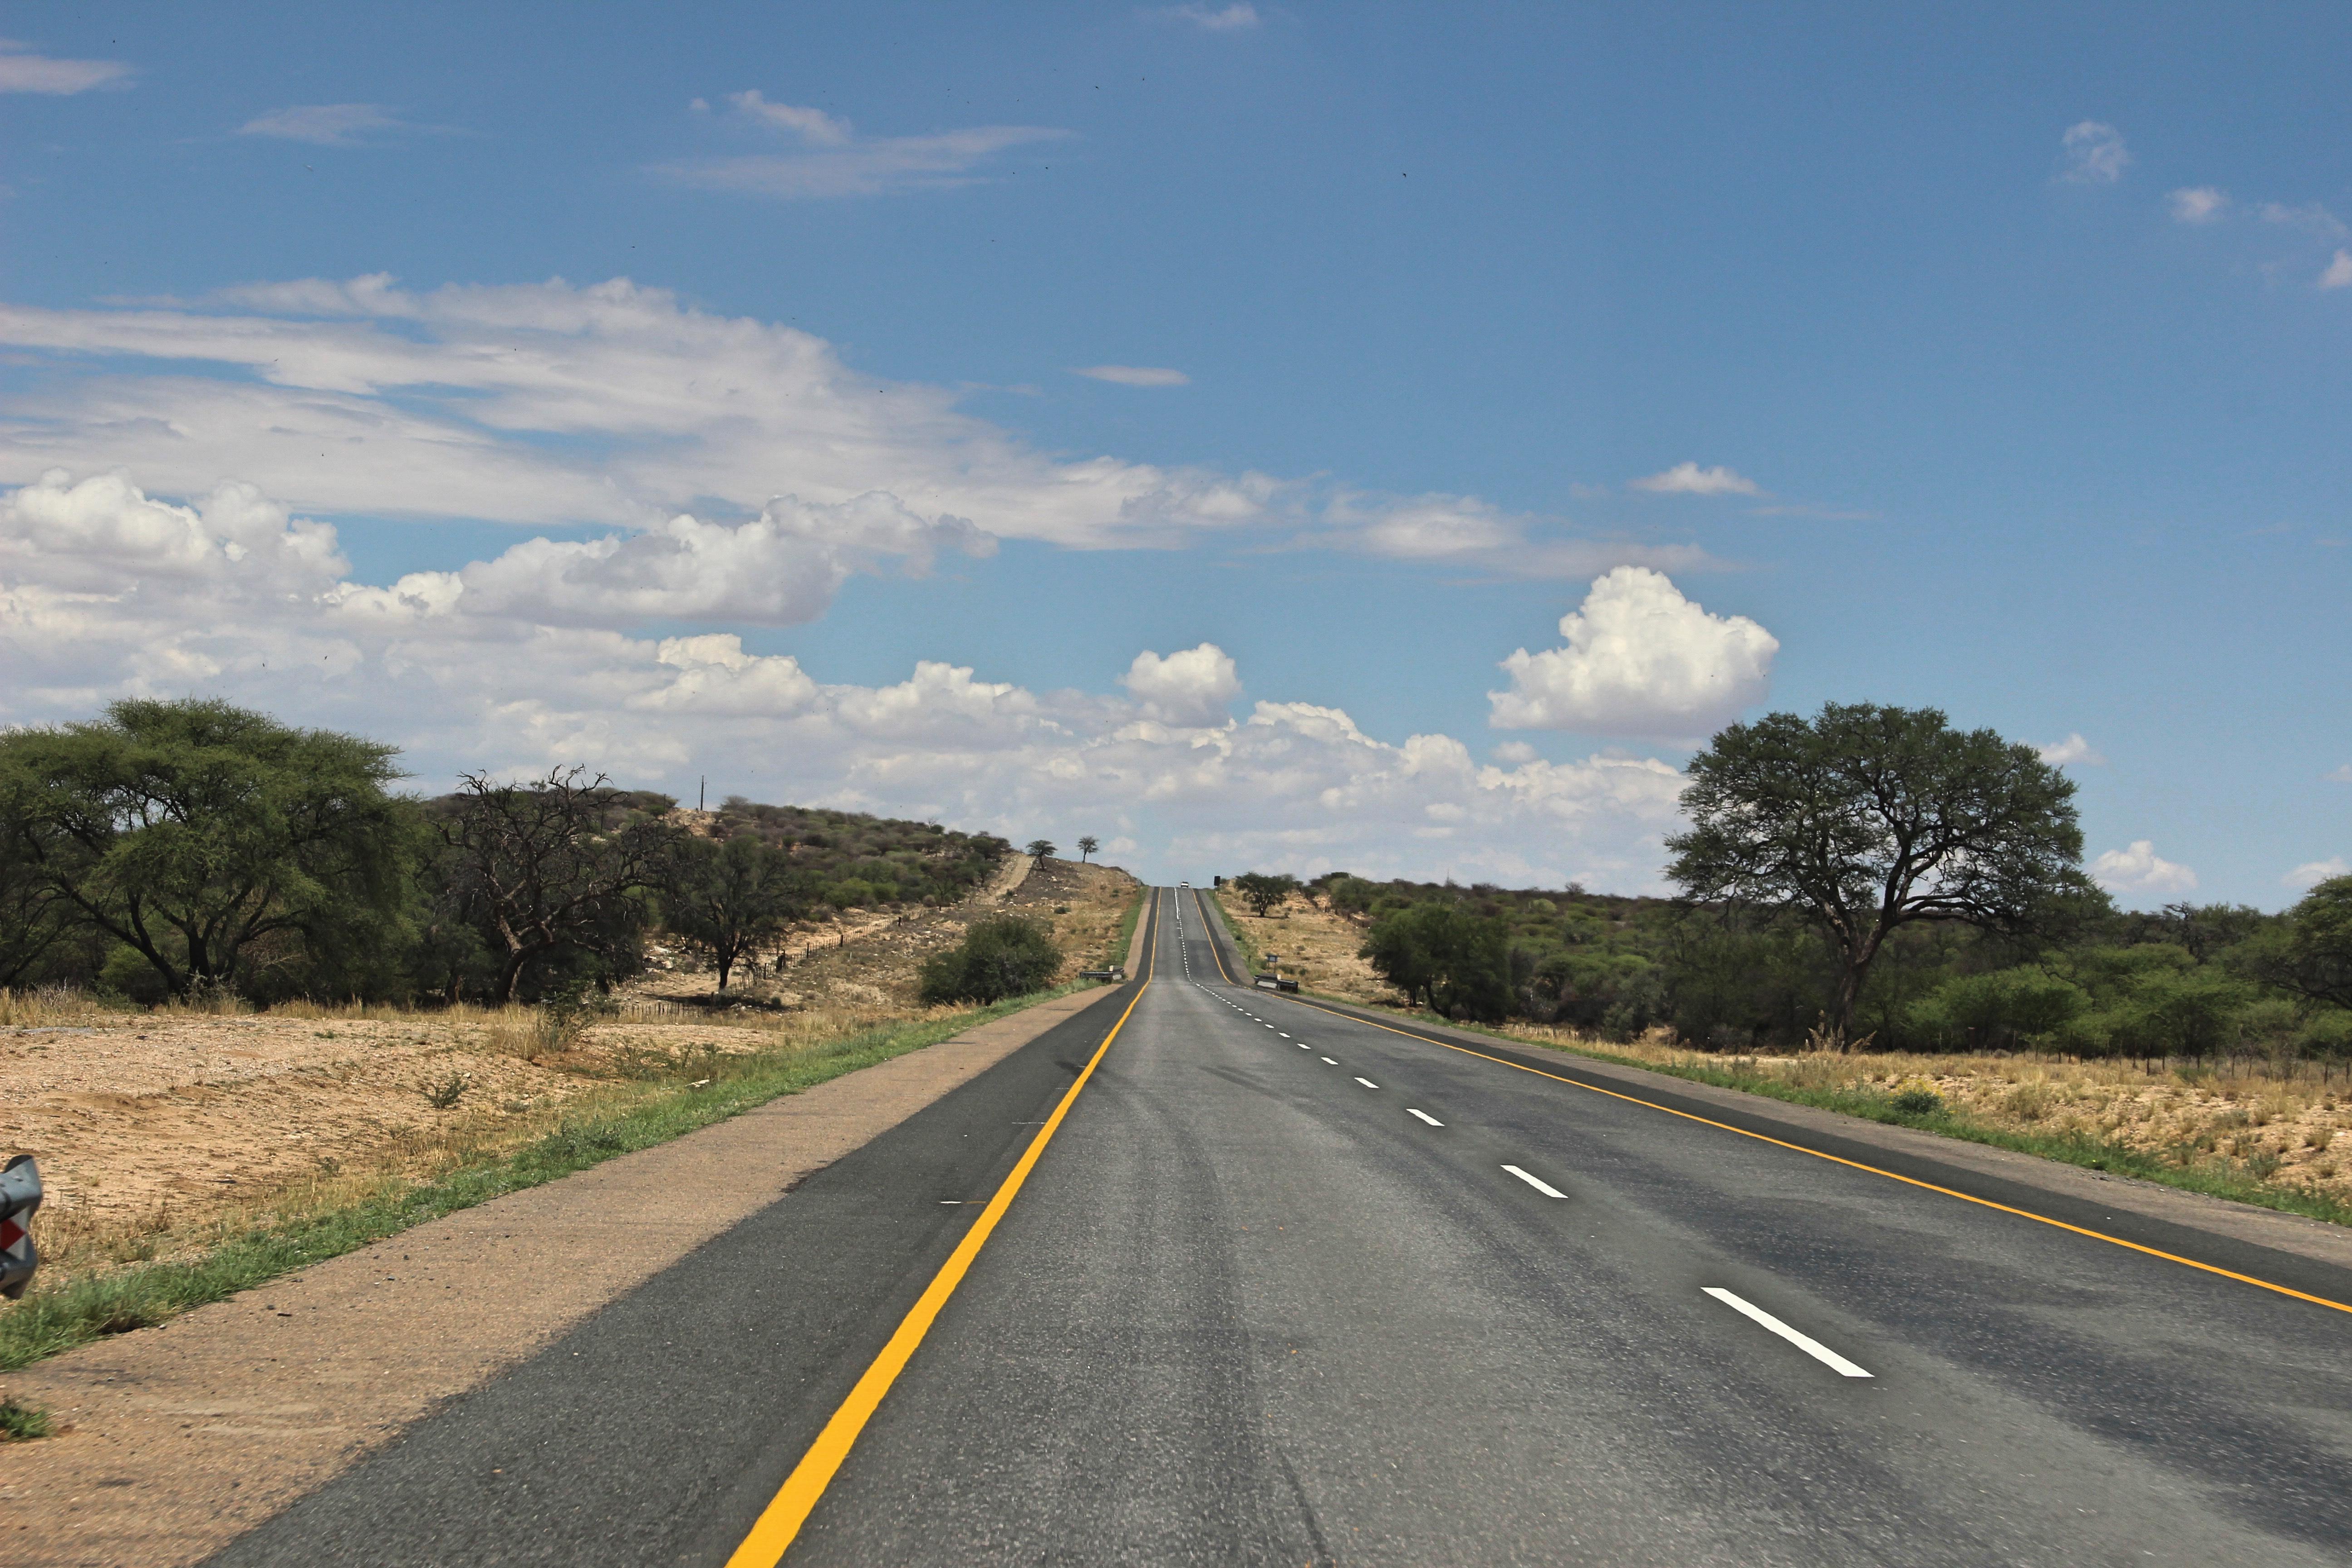 Weltreise_Backpacking_Namibia